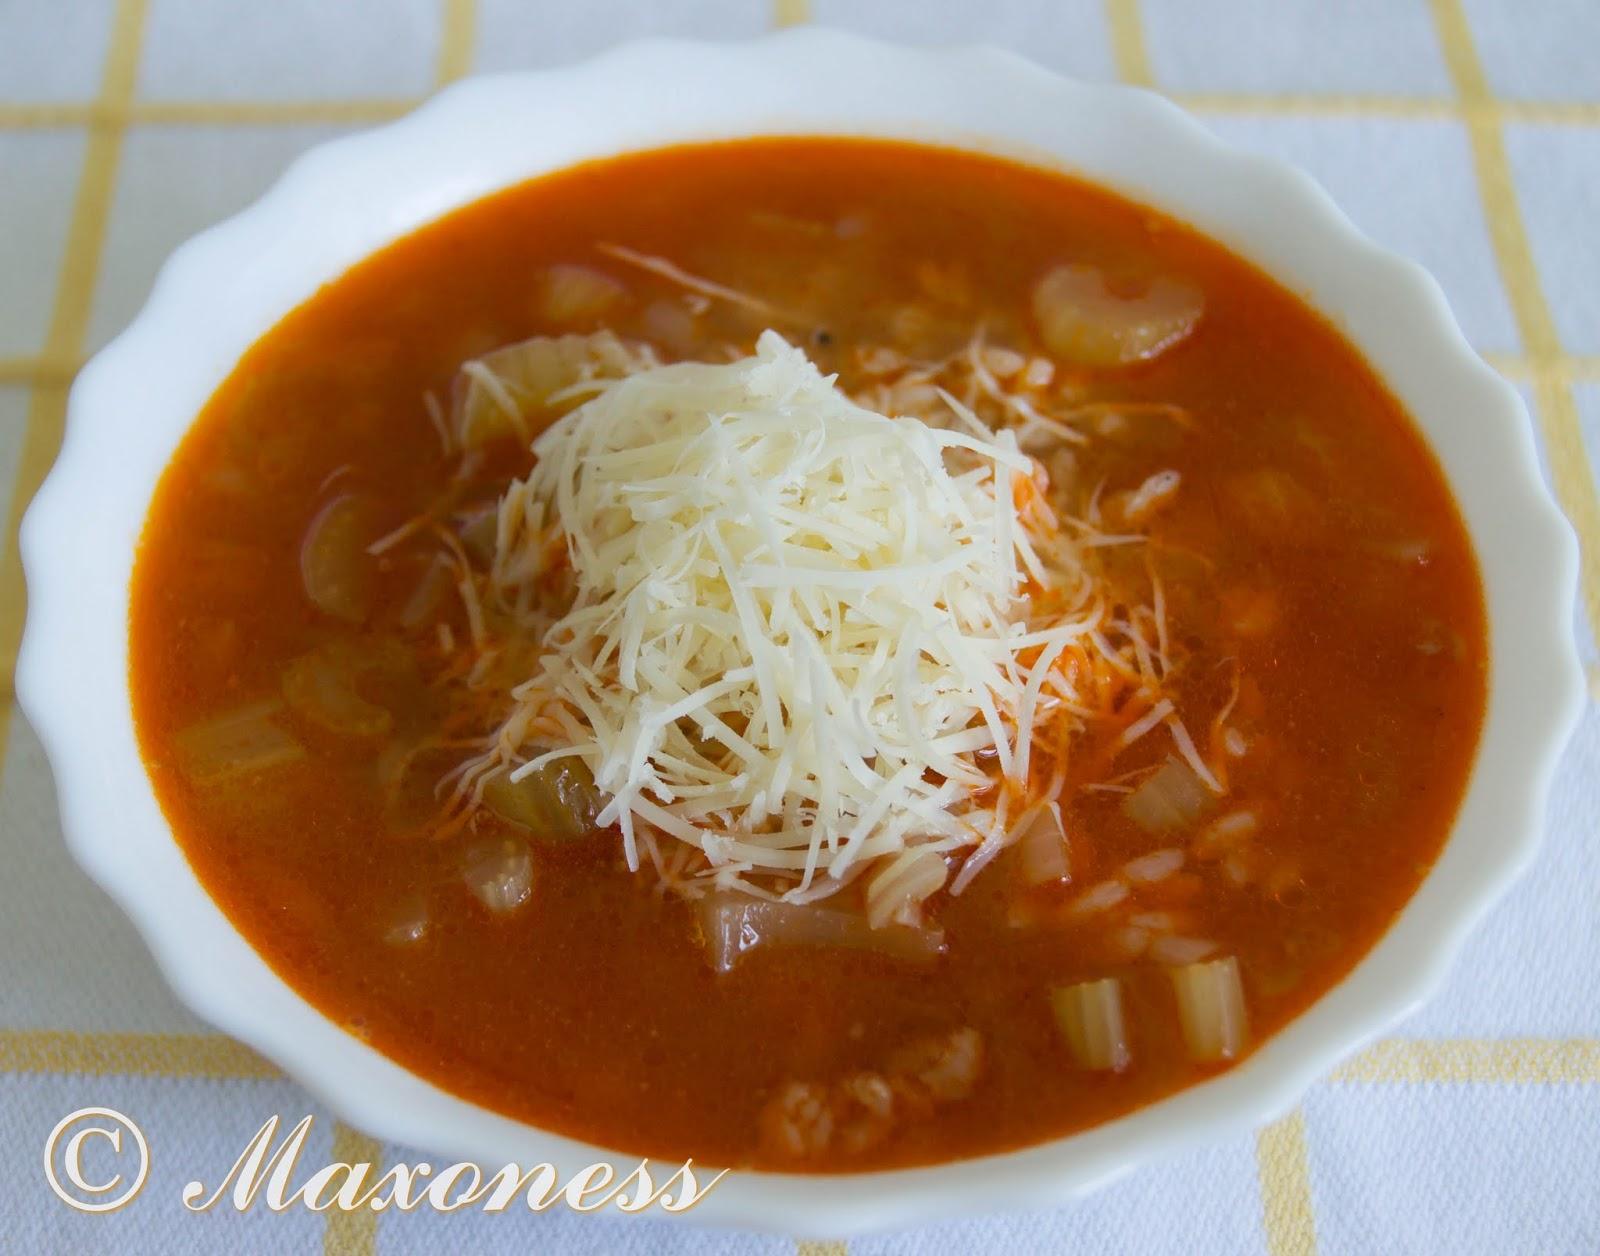 Сельдерейный суп из Абруцци. Итальянская кухня.